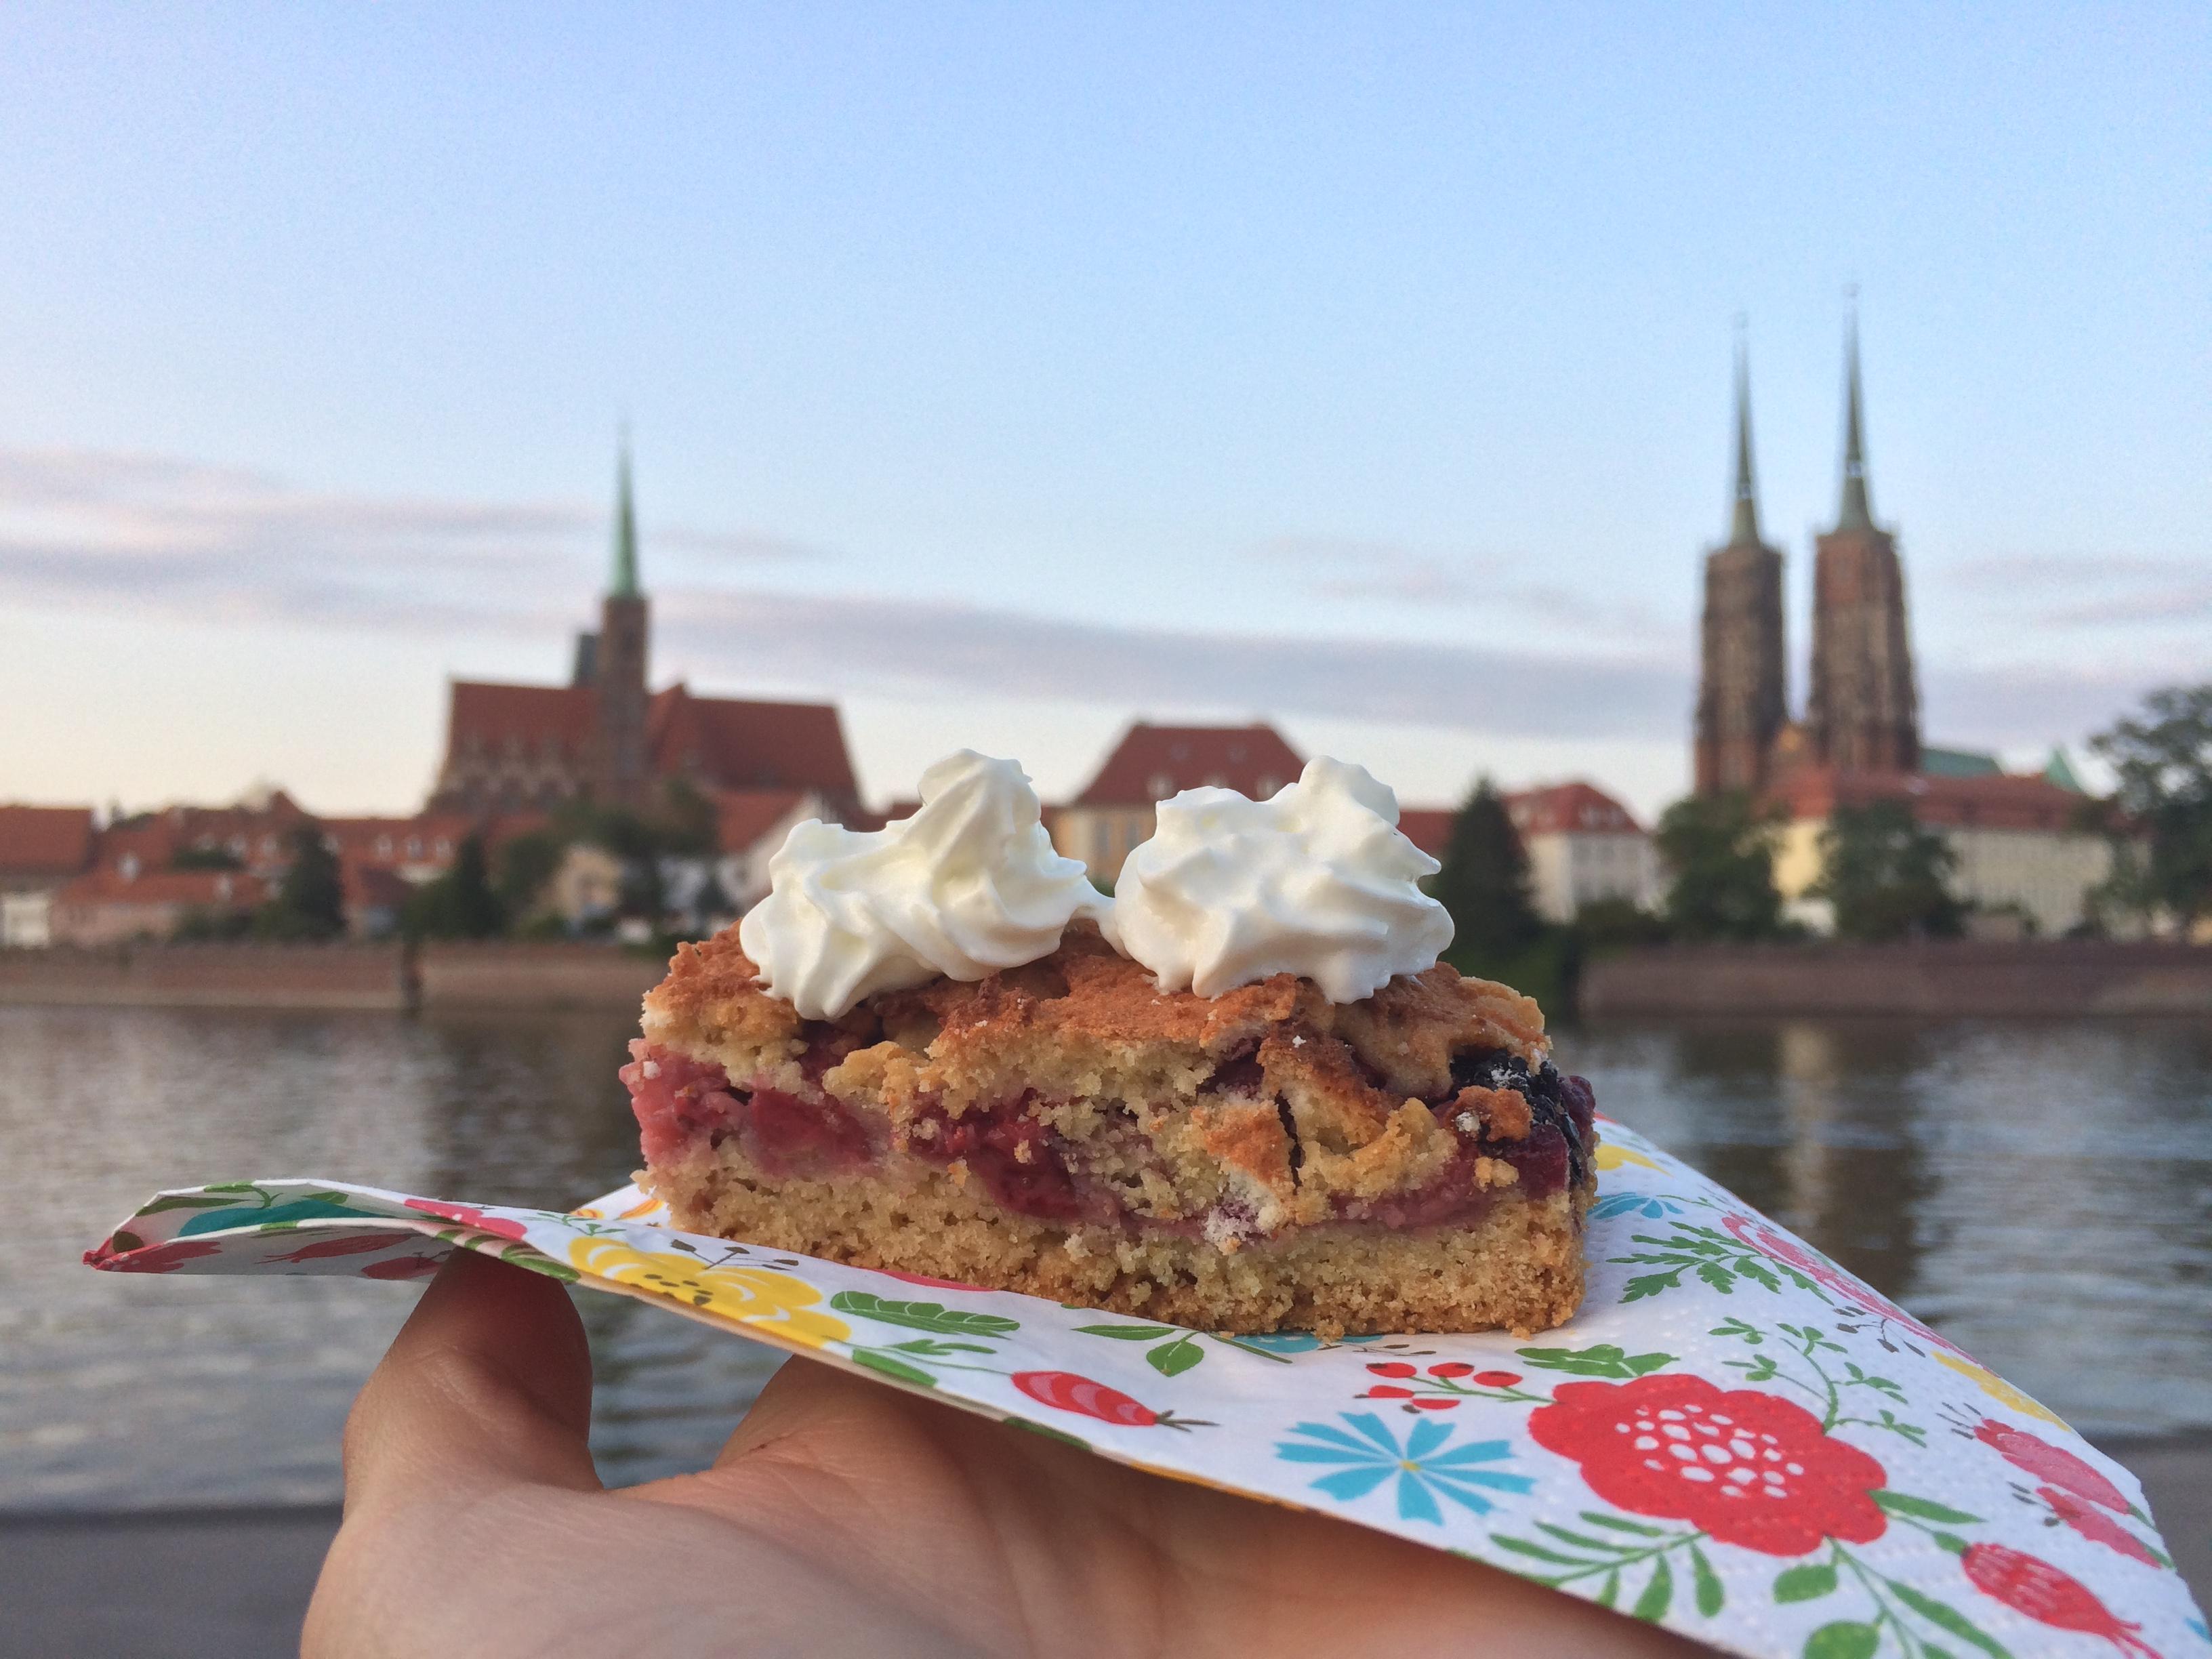 Pyszne ciasto na tle Wrocławia - idealnie nadaje się na piknik